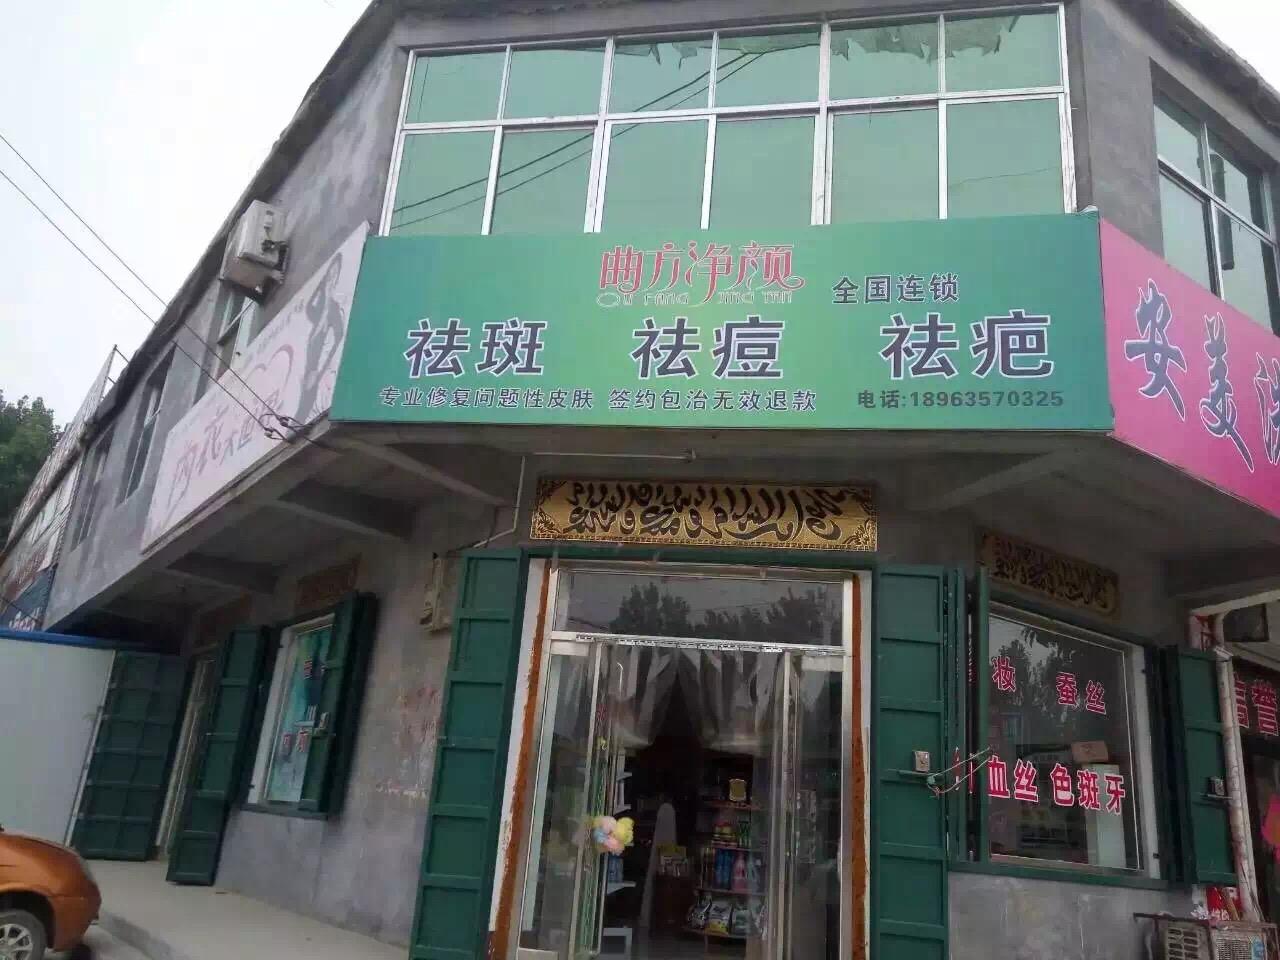 山东莘县张鲁店加盟店合影